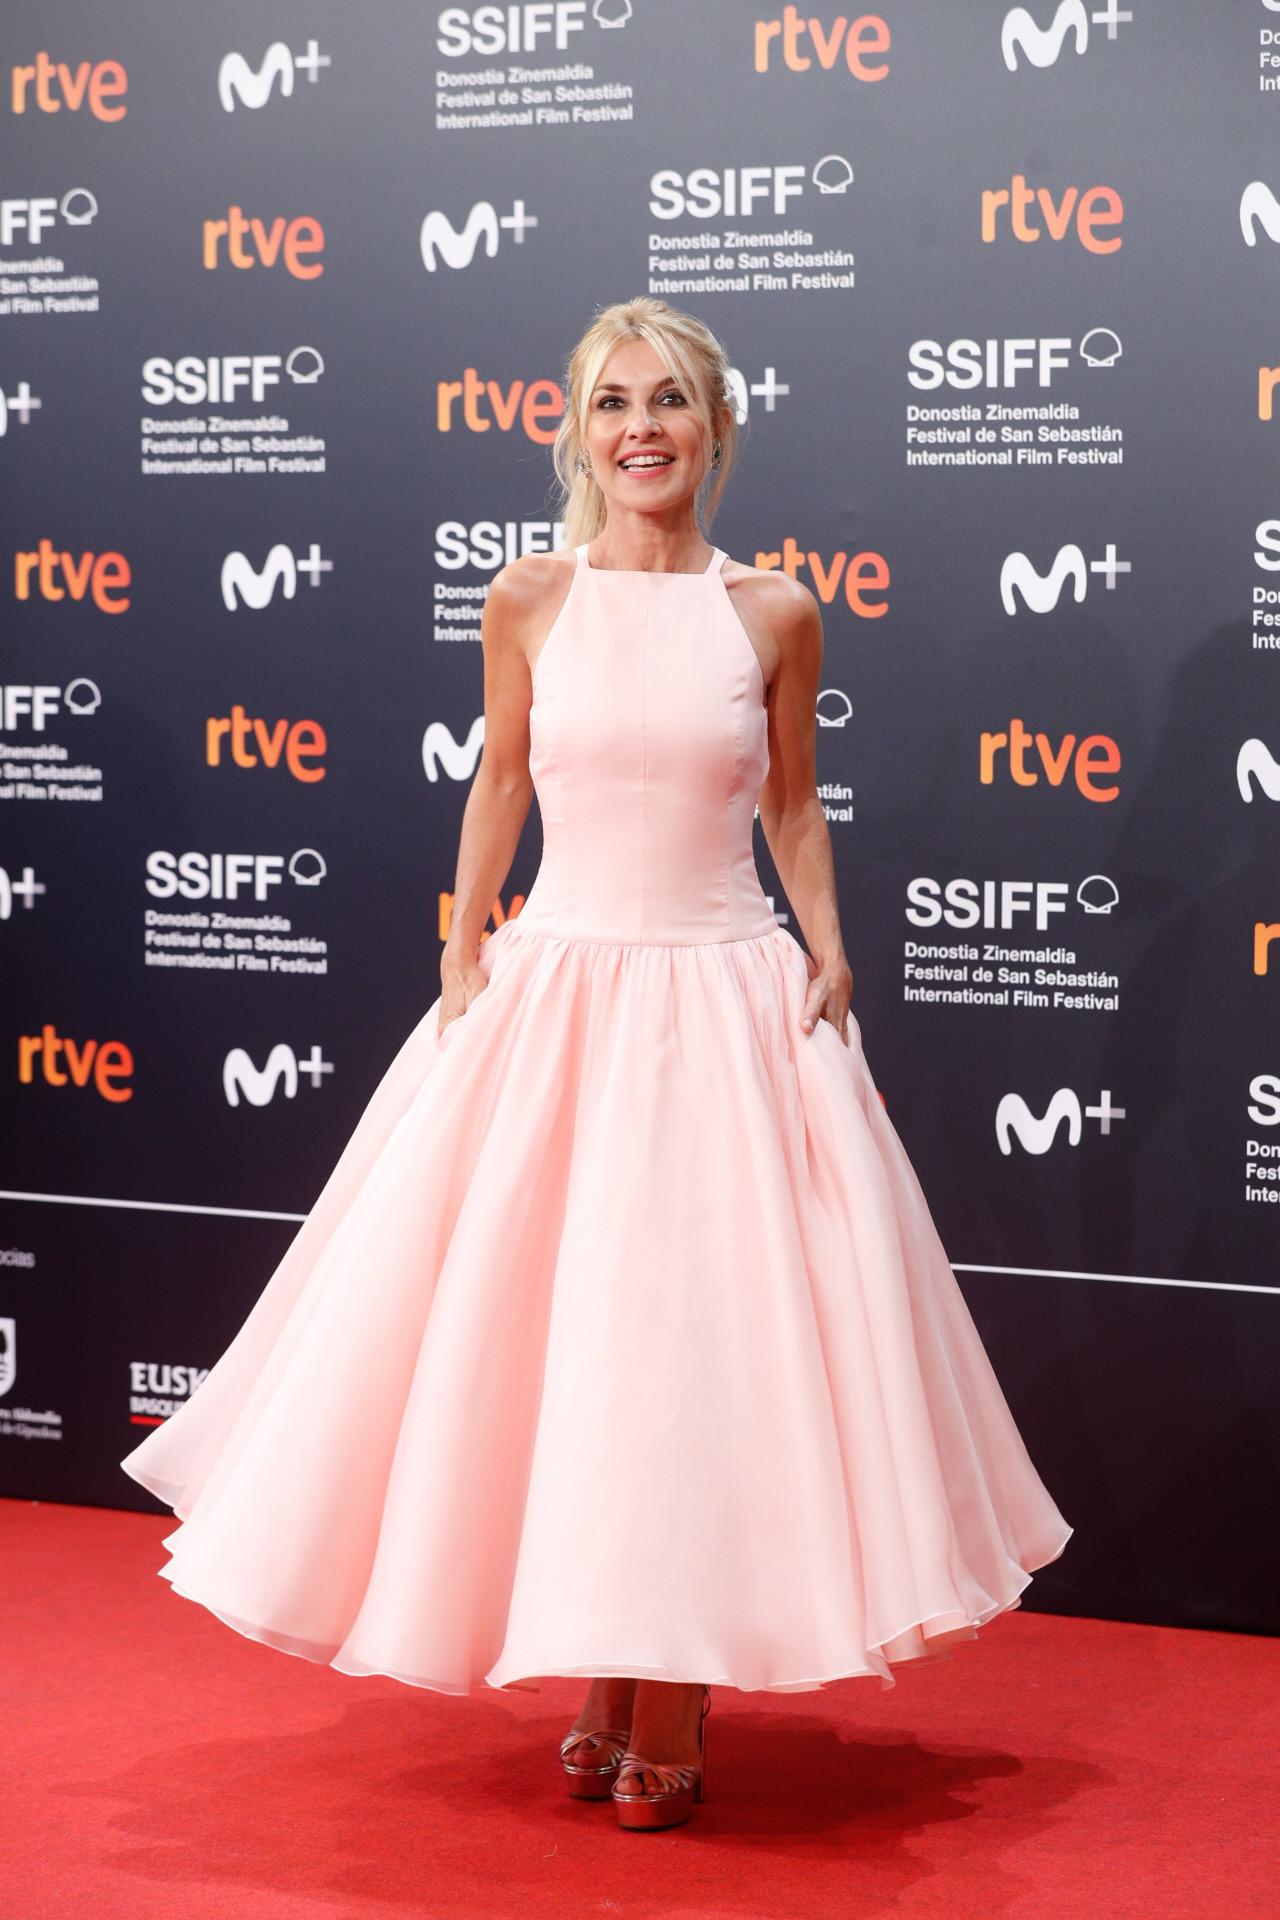 Cayetana Guillén Cuervo lució un vestido hecho a medida por Pedro del Hierro inspirado de Audrey Hepburn